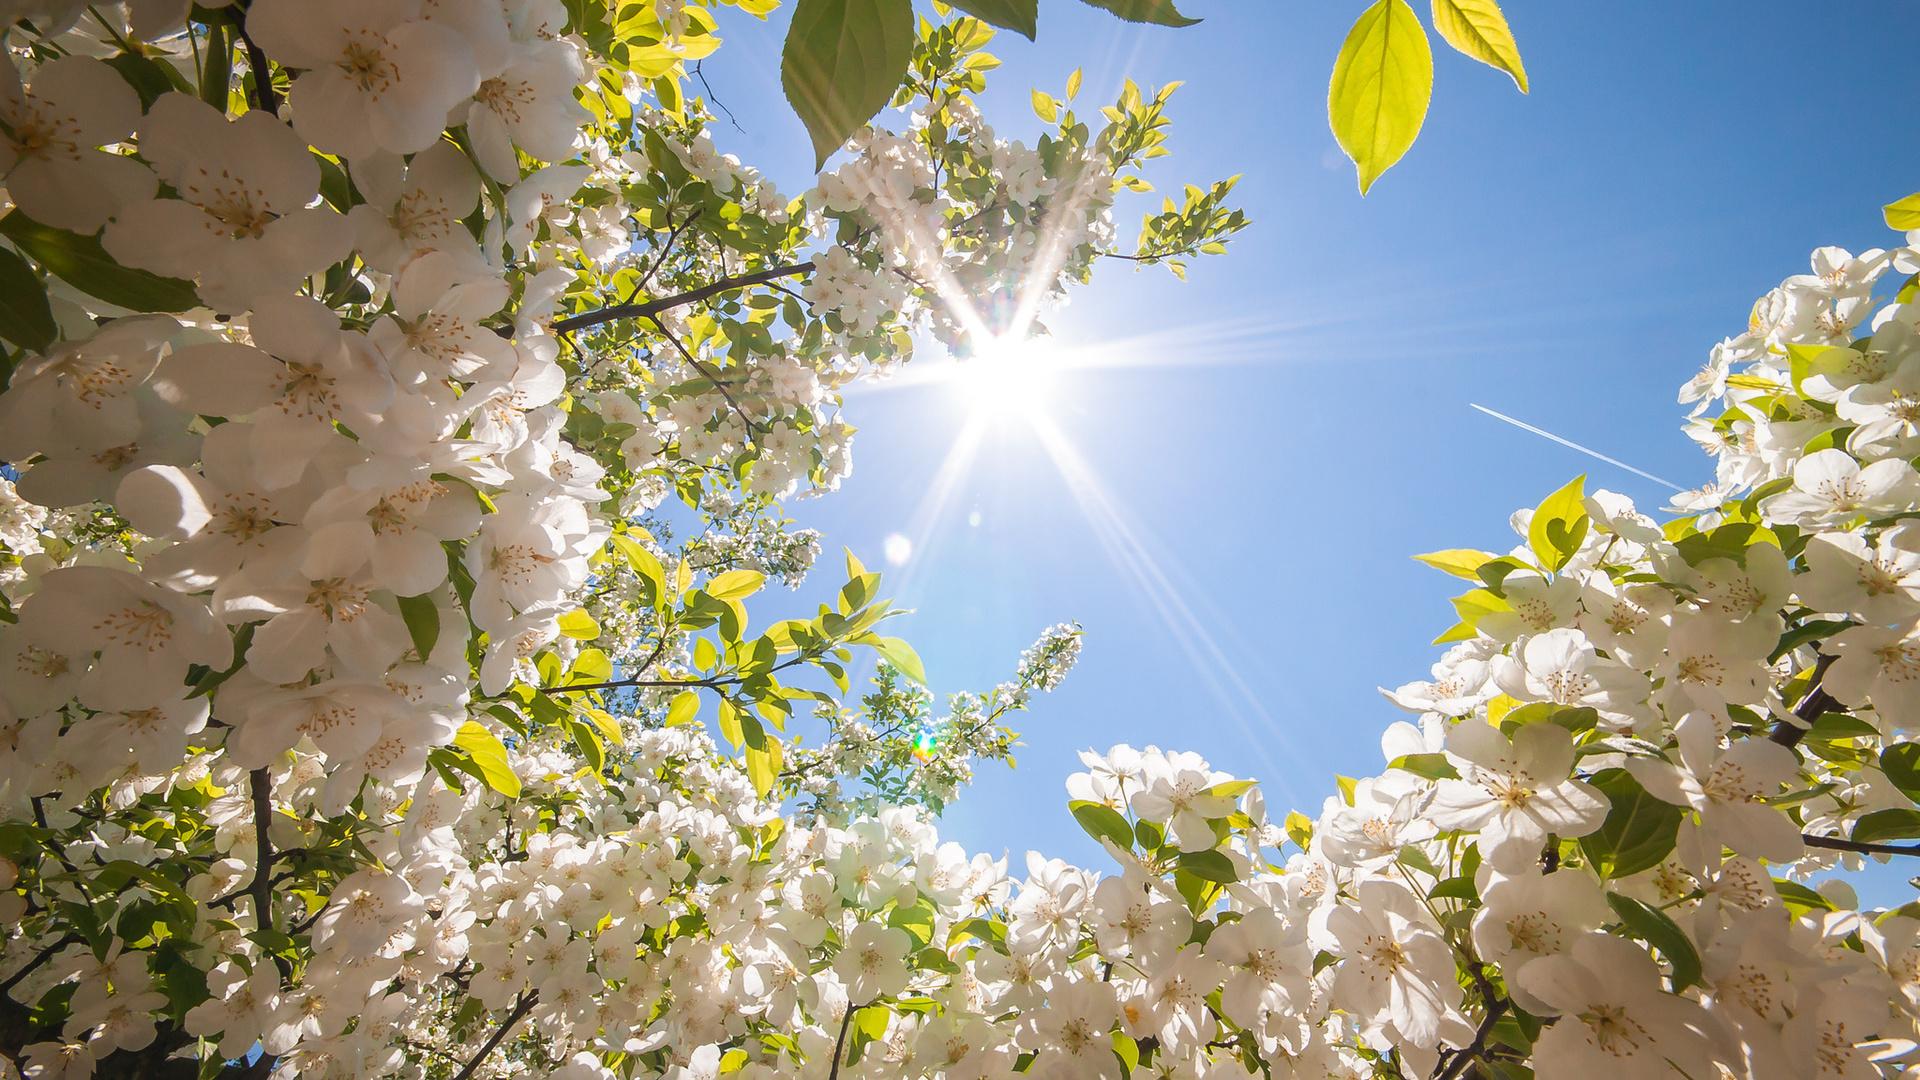 картинки красивые открытки про весну и солнышко тех, кто